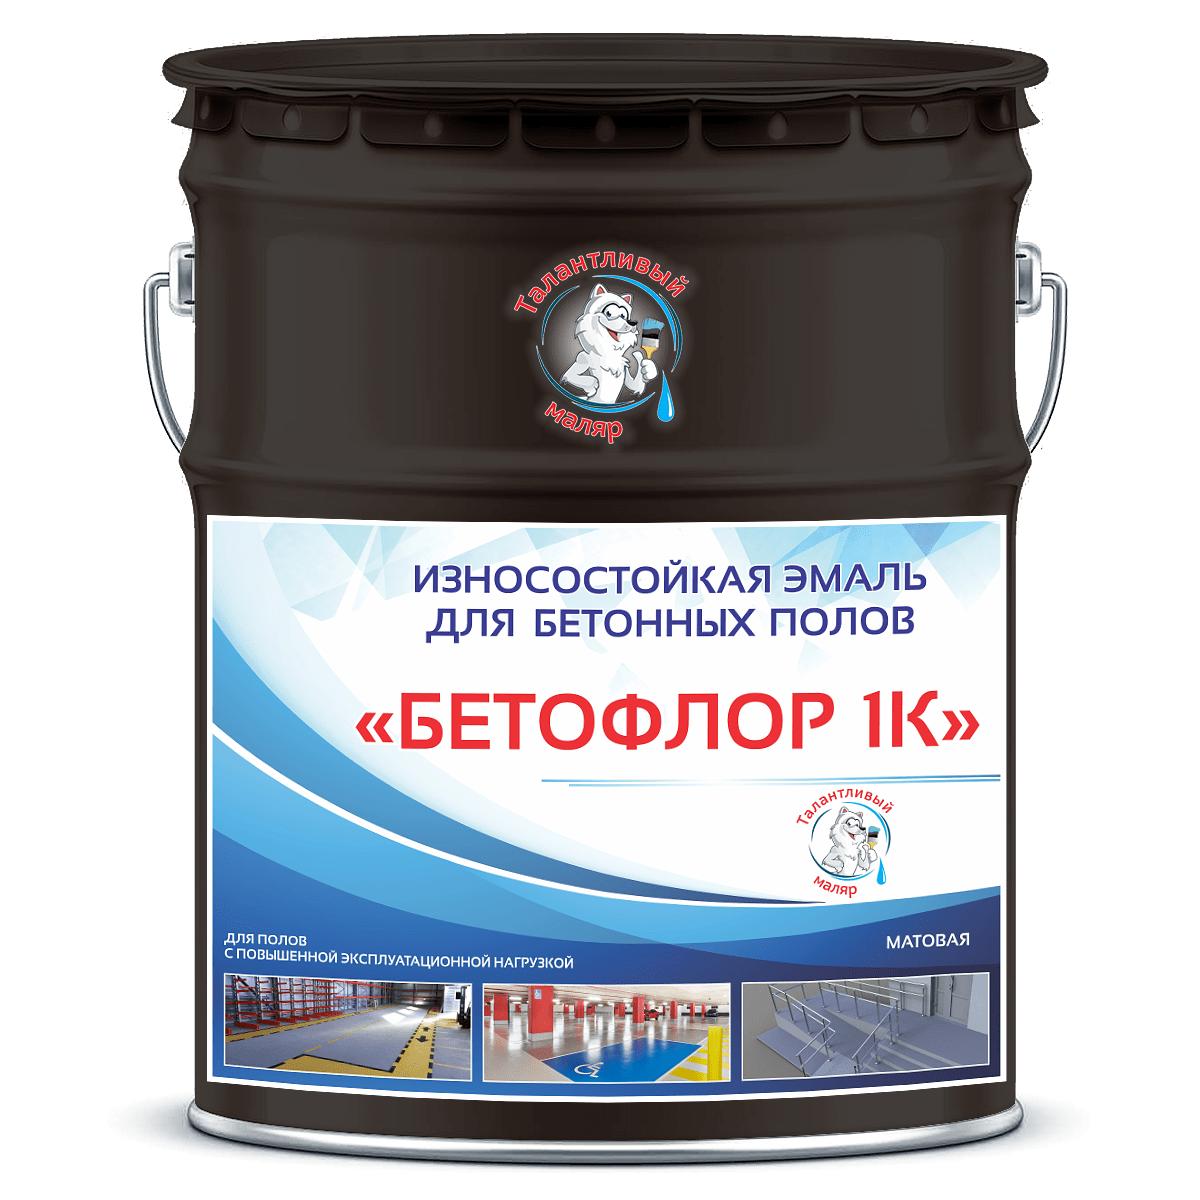 """Фото 15 - BF8022 Эмаль для бетонных полов """"Бетофлор"""" 1К цвет RAL 8022 Чёрно-коричневый, матовая износостойкая, 25 кг """"Талантливый Маляр""""."""